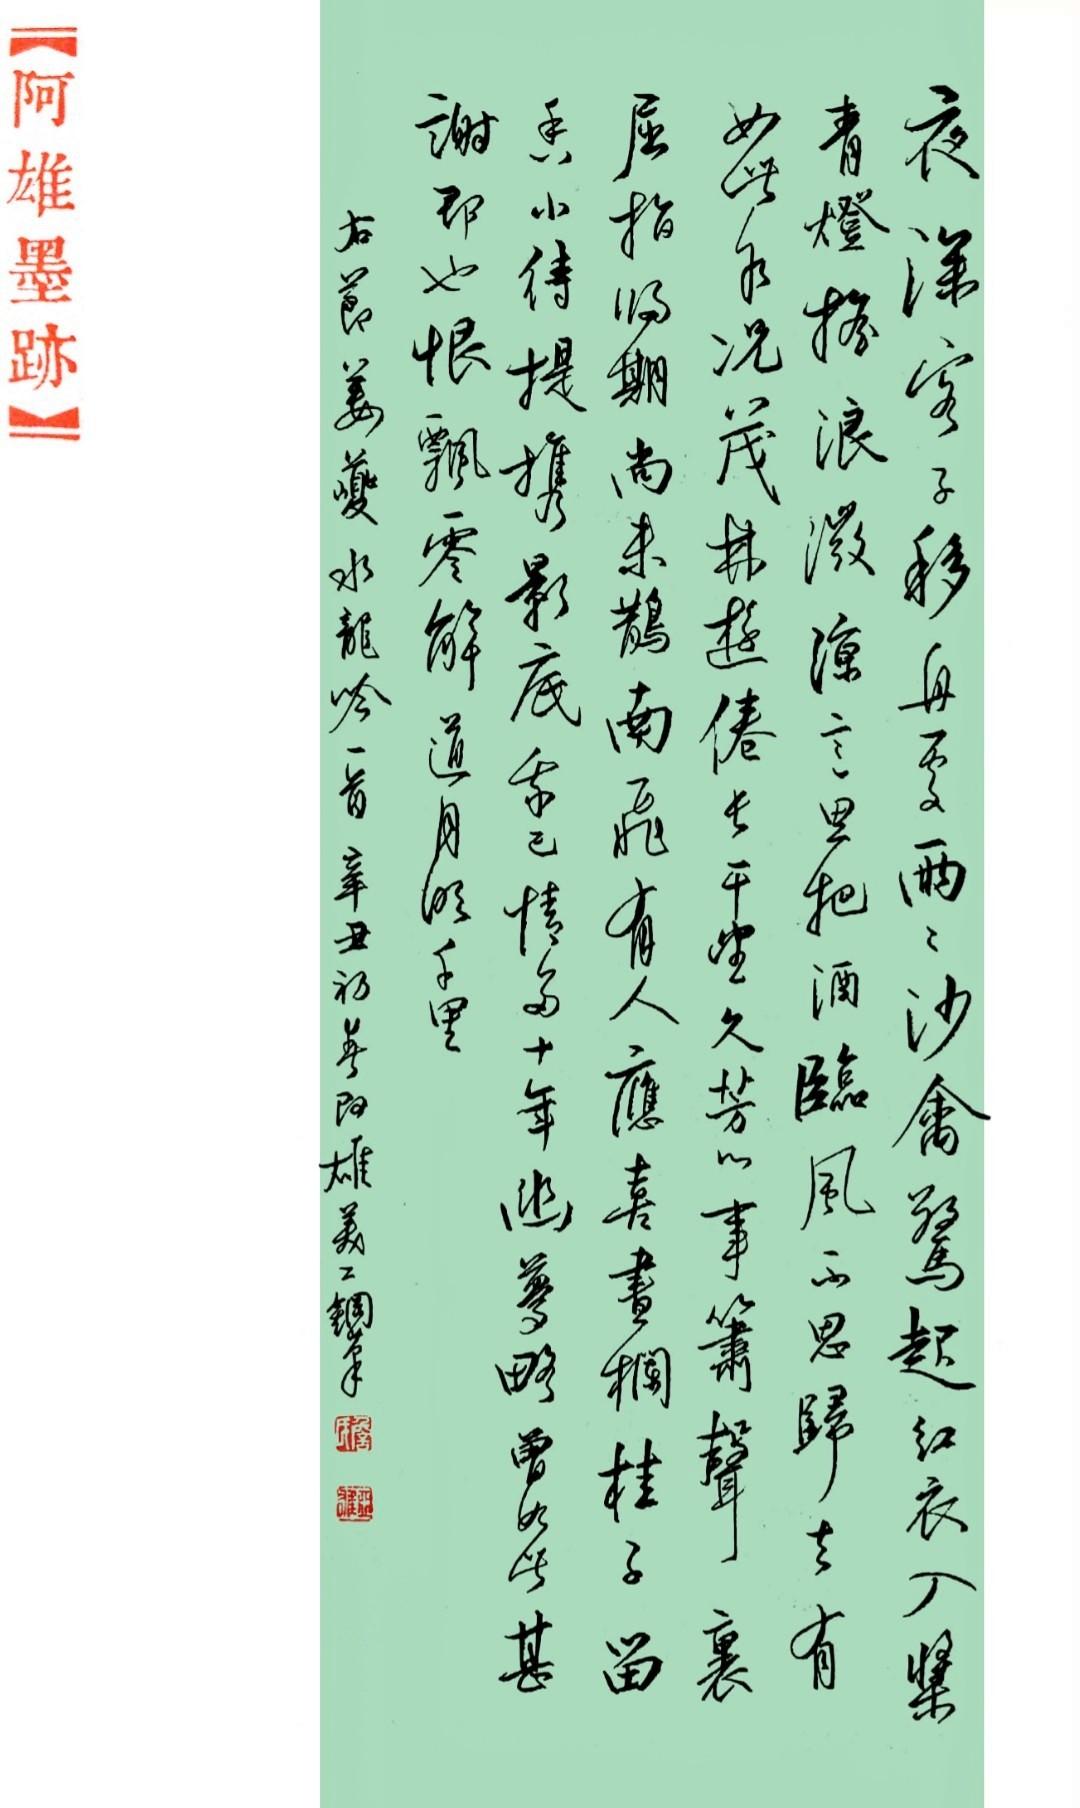 钢笔爱好者练字打卡20210309-09